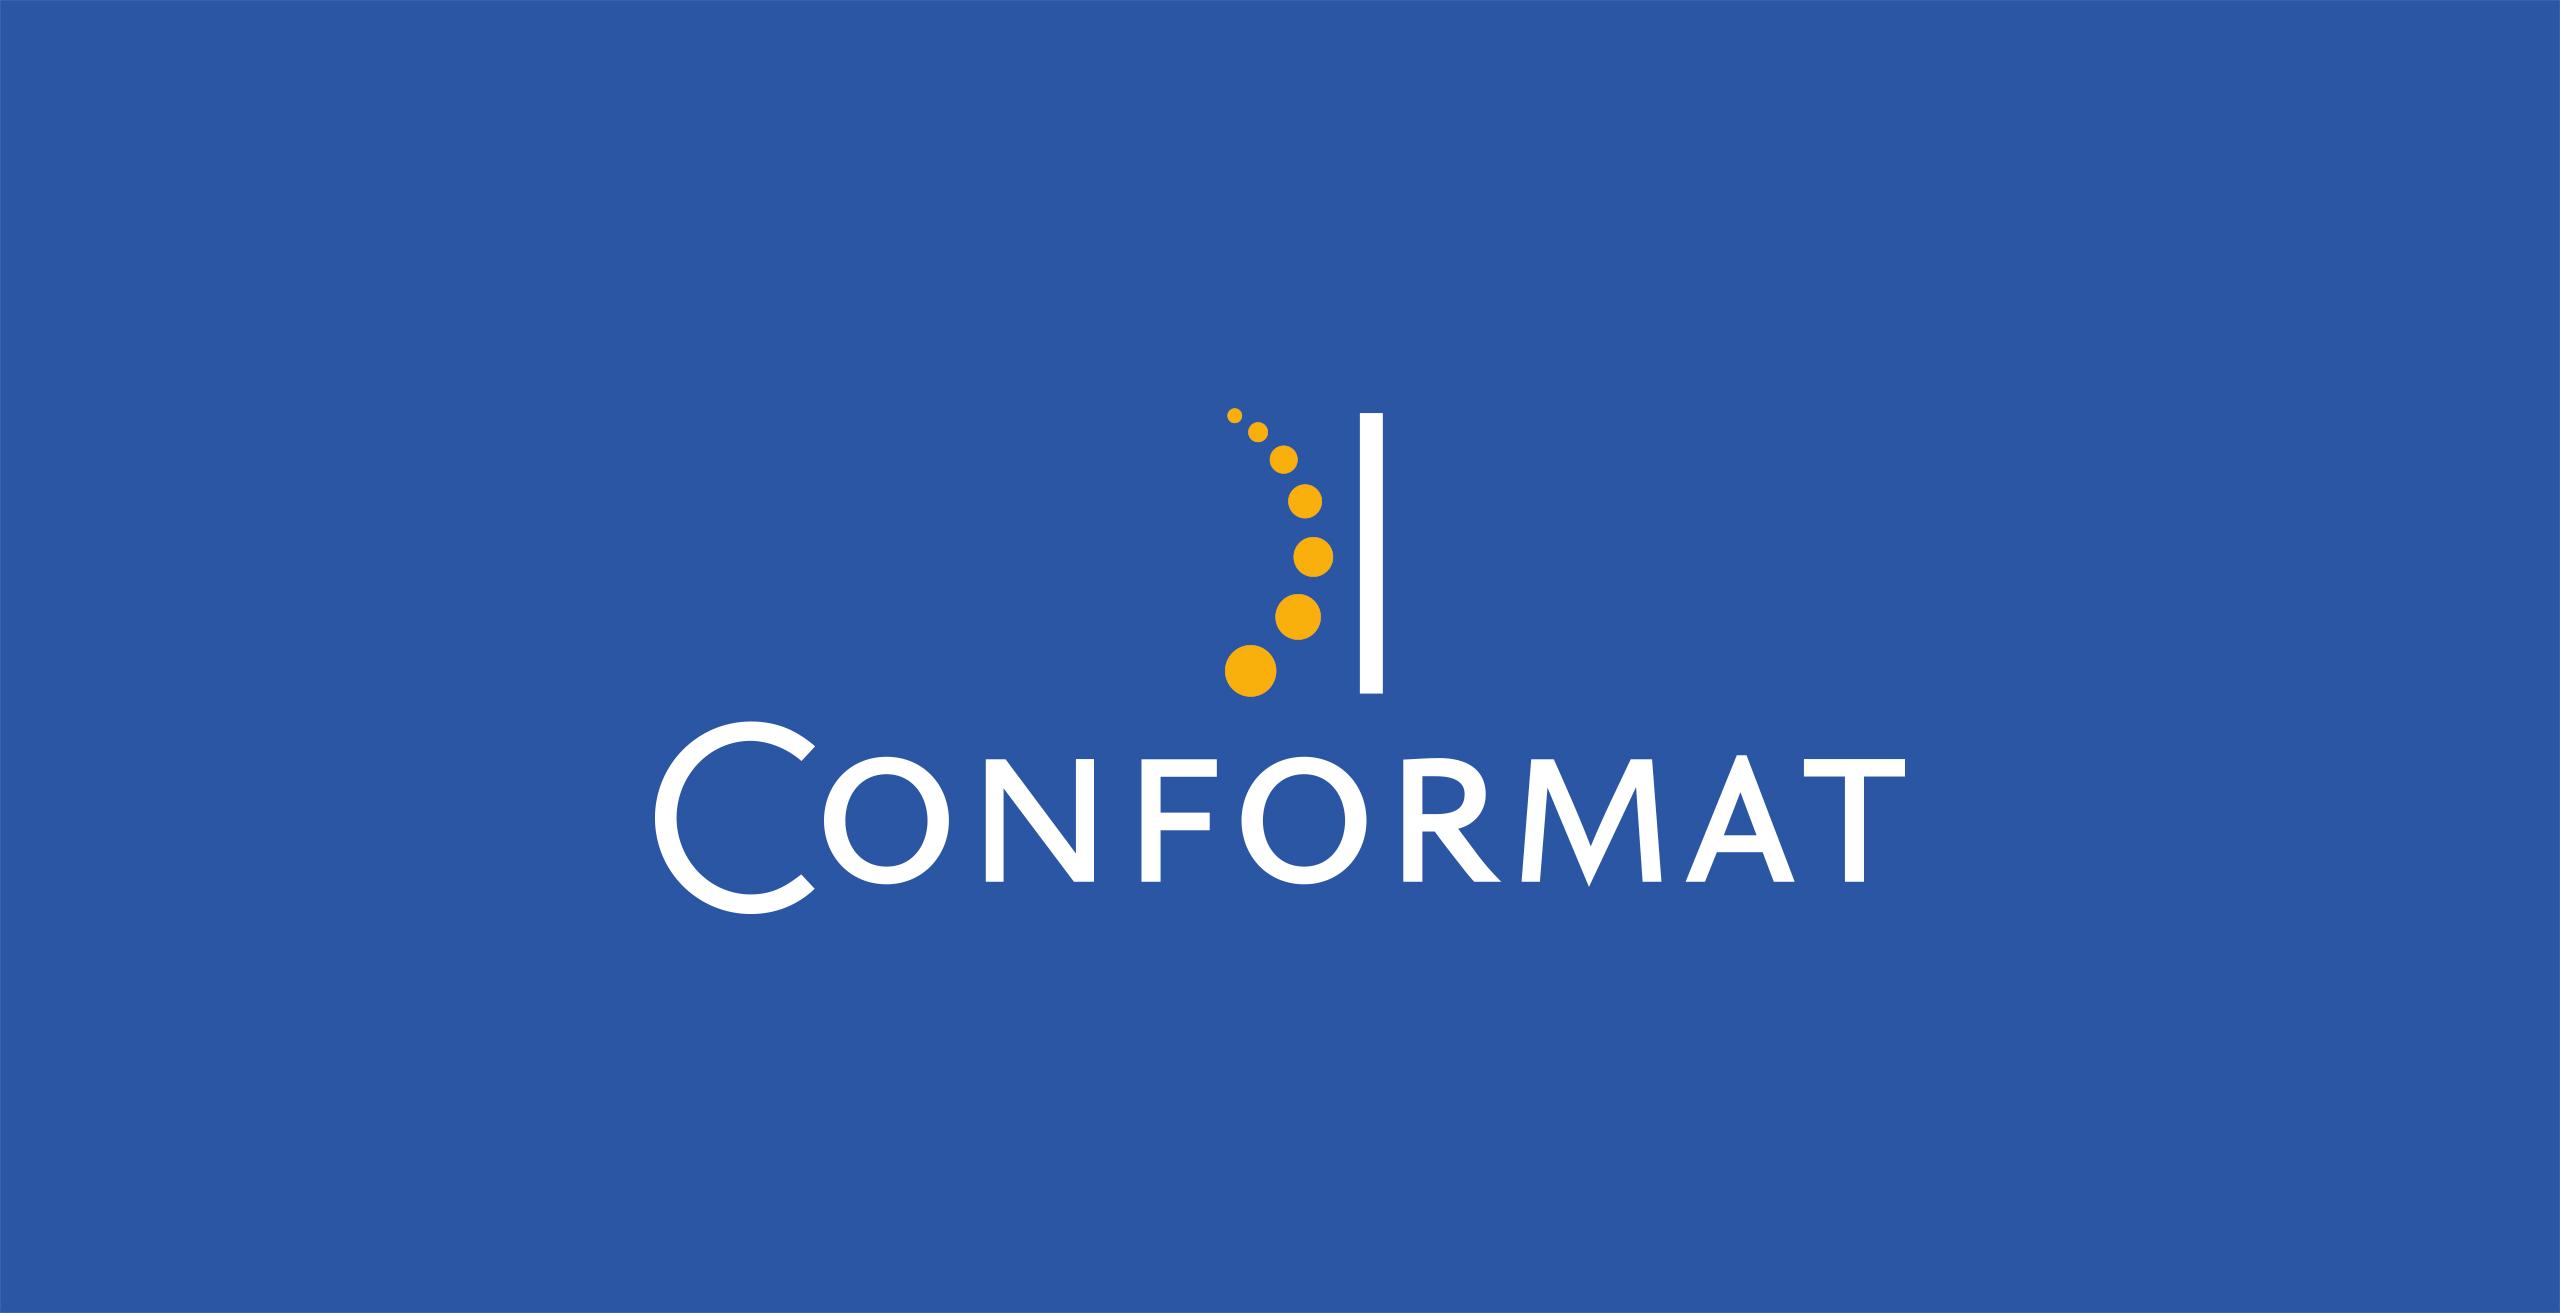 onformat logo fond bleu